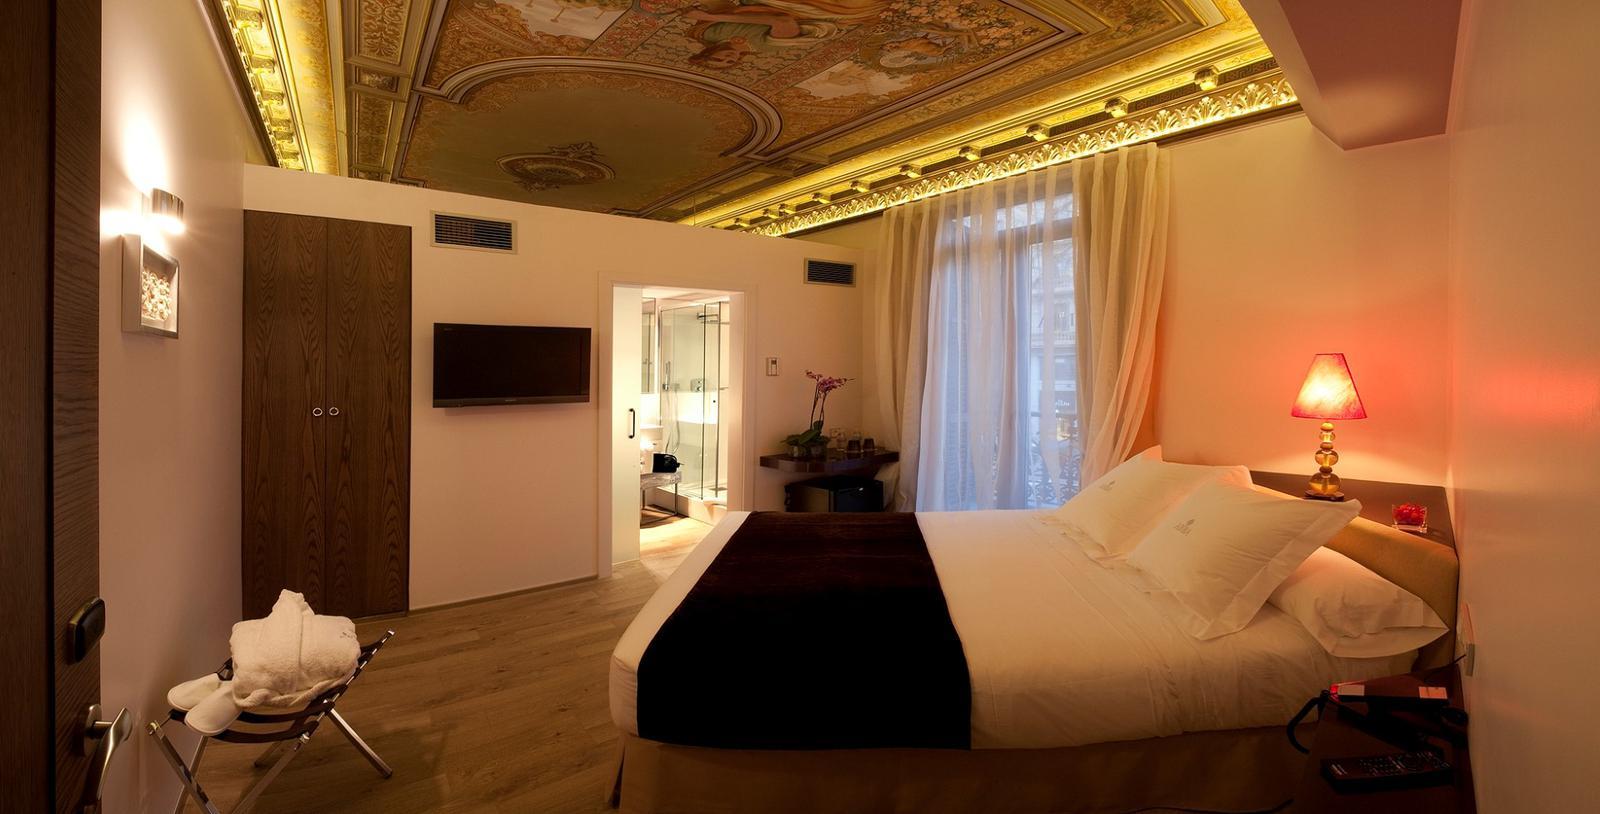 hoteles para adultos Hotal Anba Deluxe, Barcelona